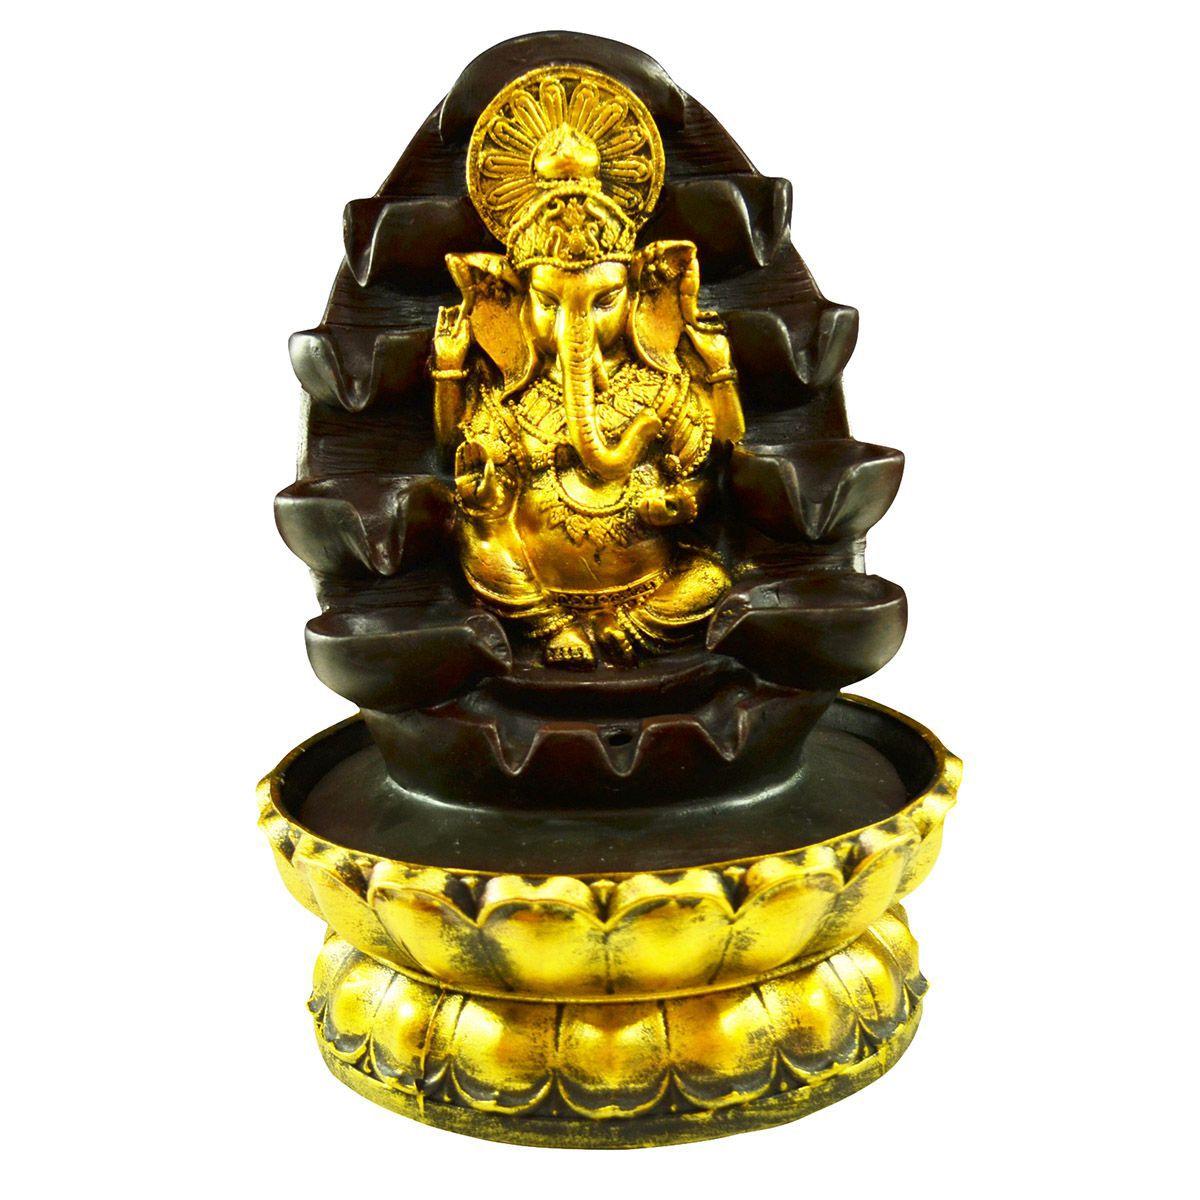 Fonte de Água Ganesha M Resina